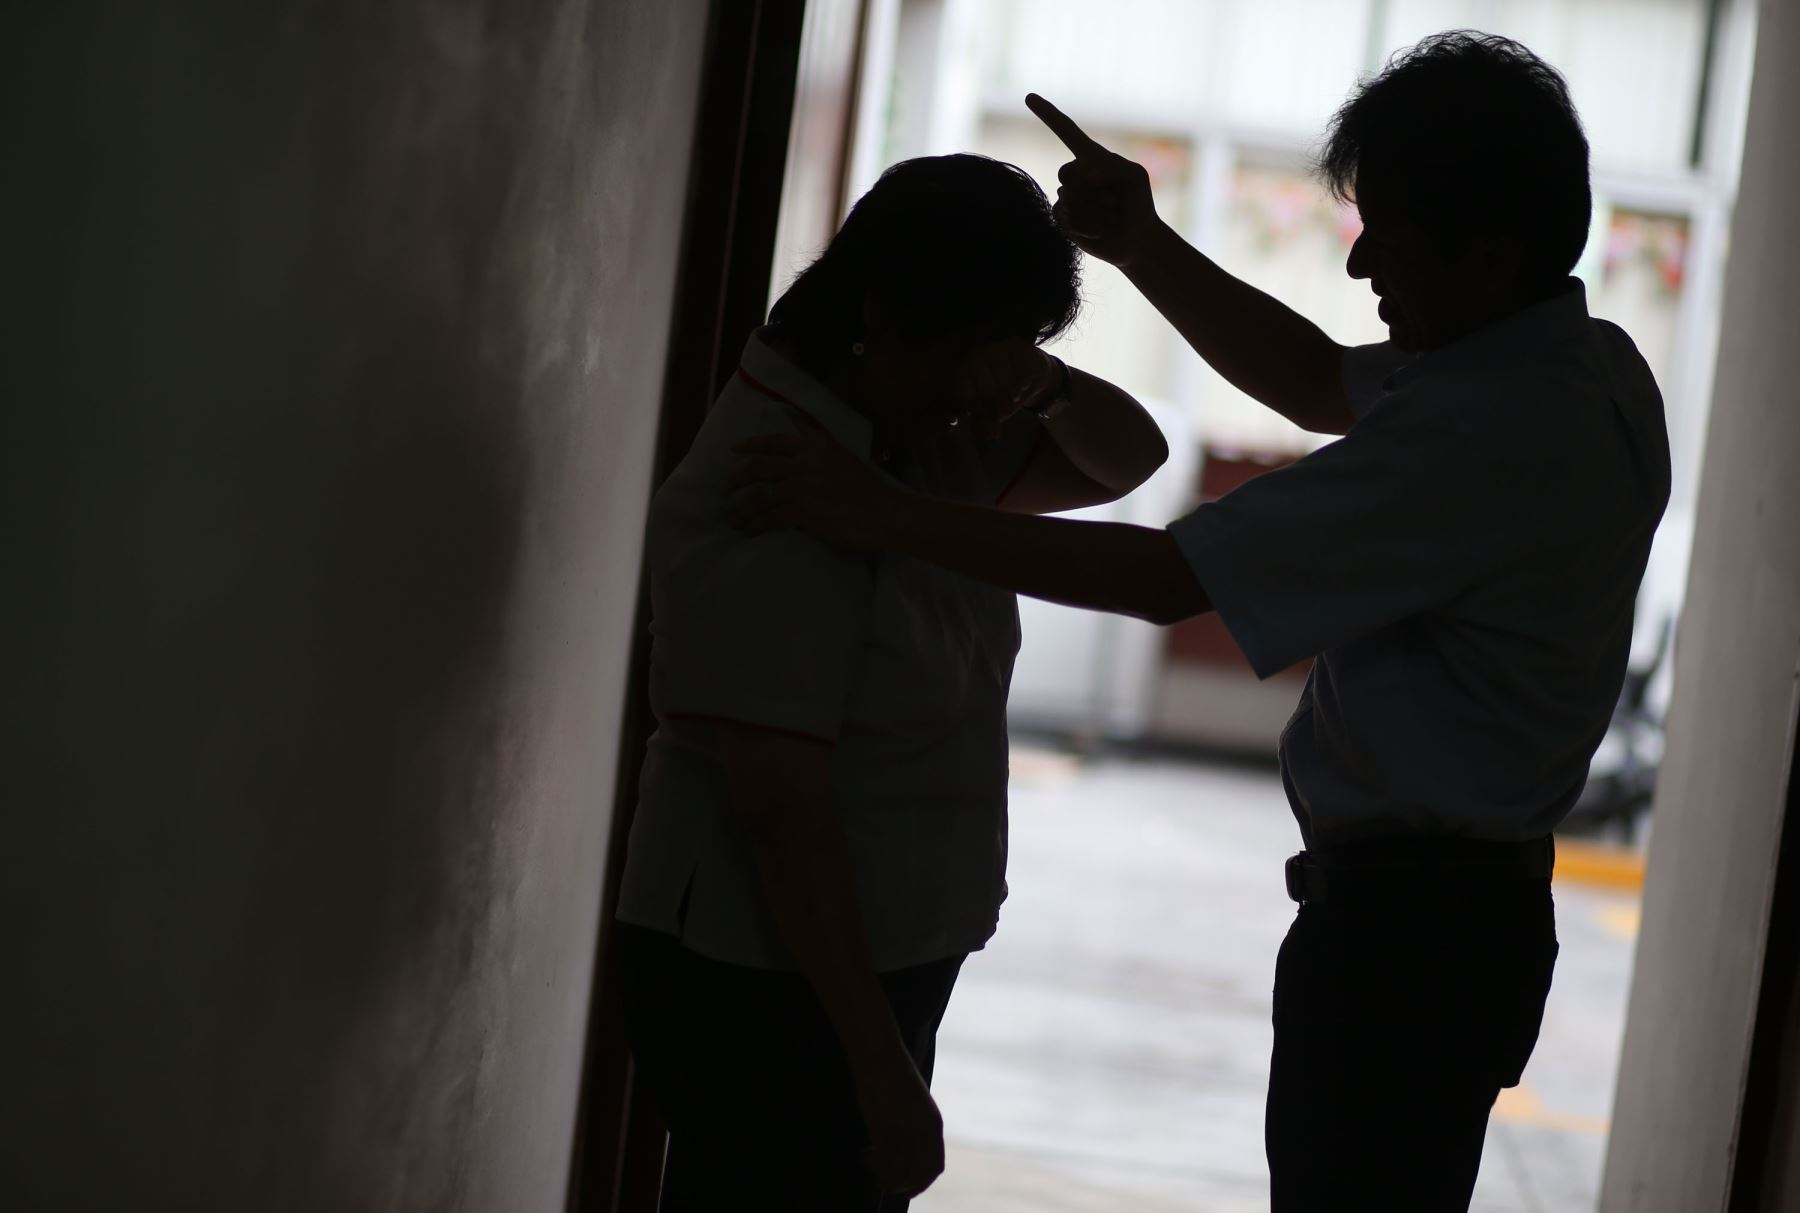 Violencia de género durante la pandemia